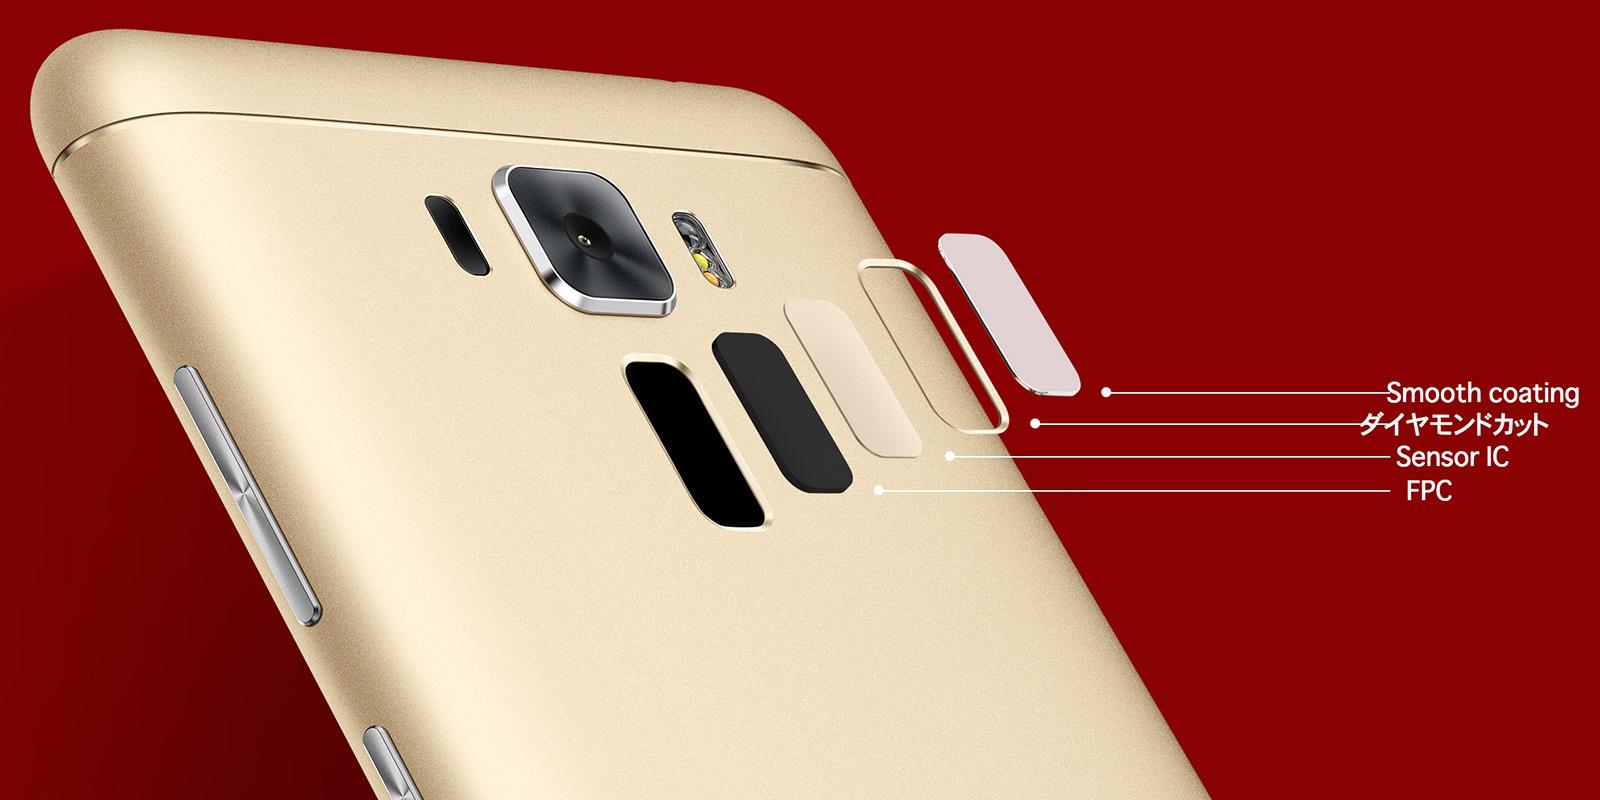 ASUS ZenFone 3 Laser 指紋認証センサー